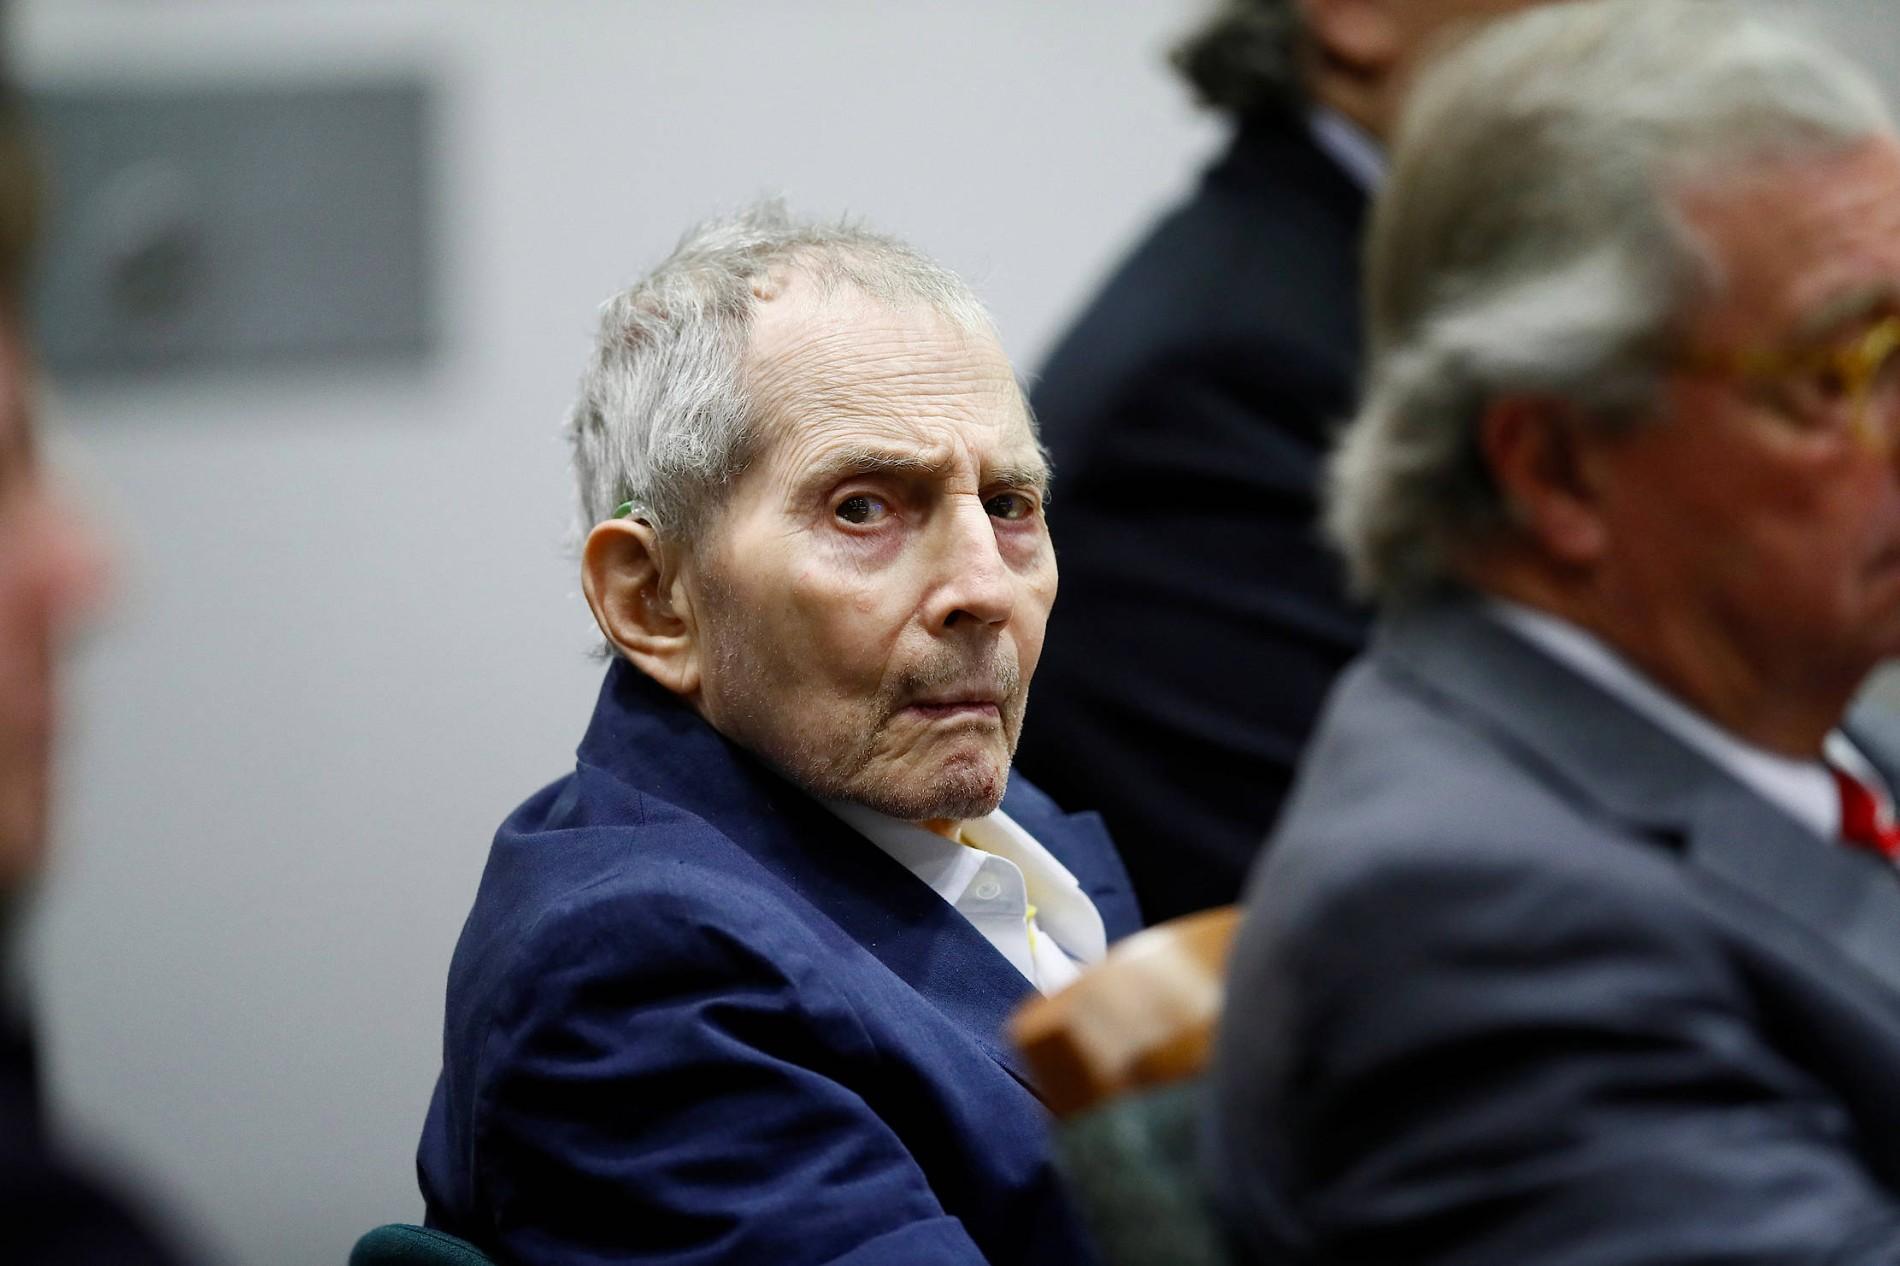 Wie Robert Durst der Verurteilung wegen Mordes entkommen will